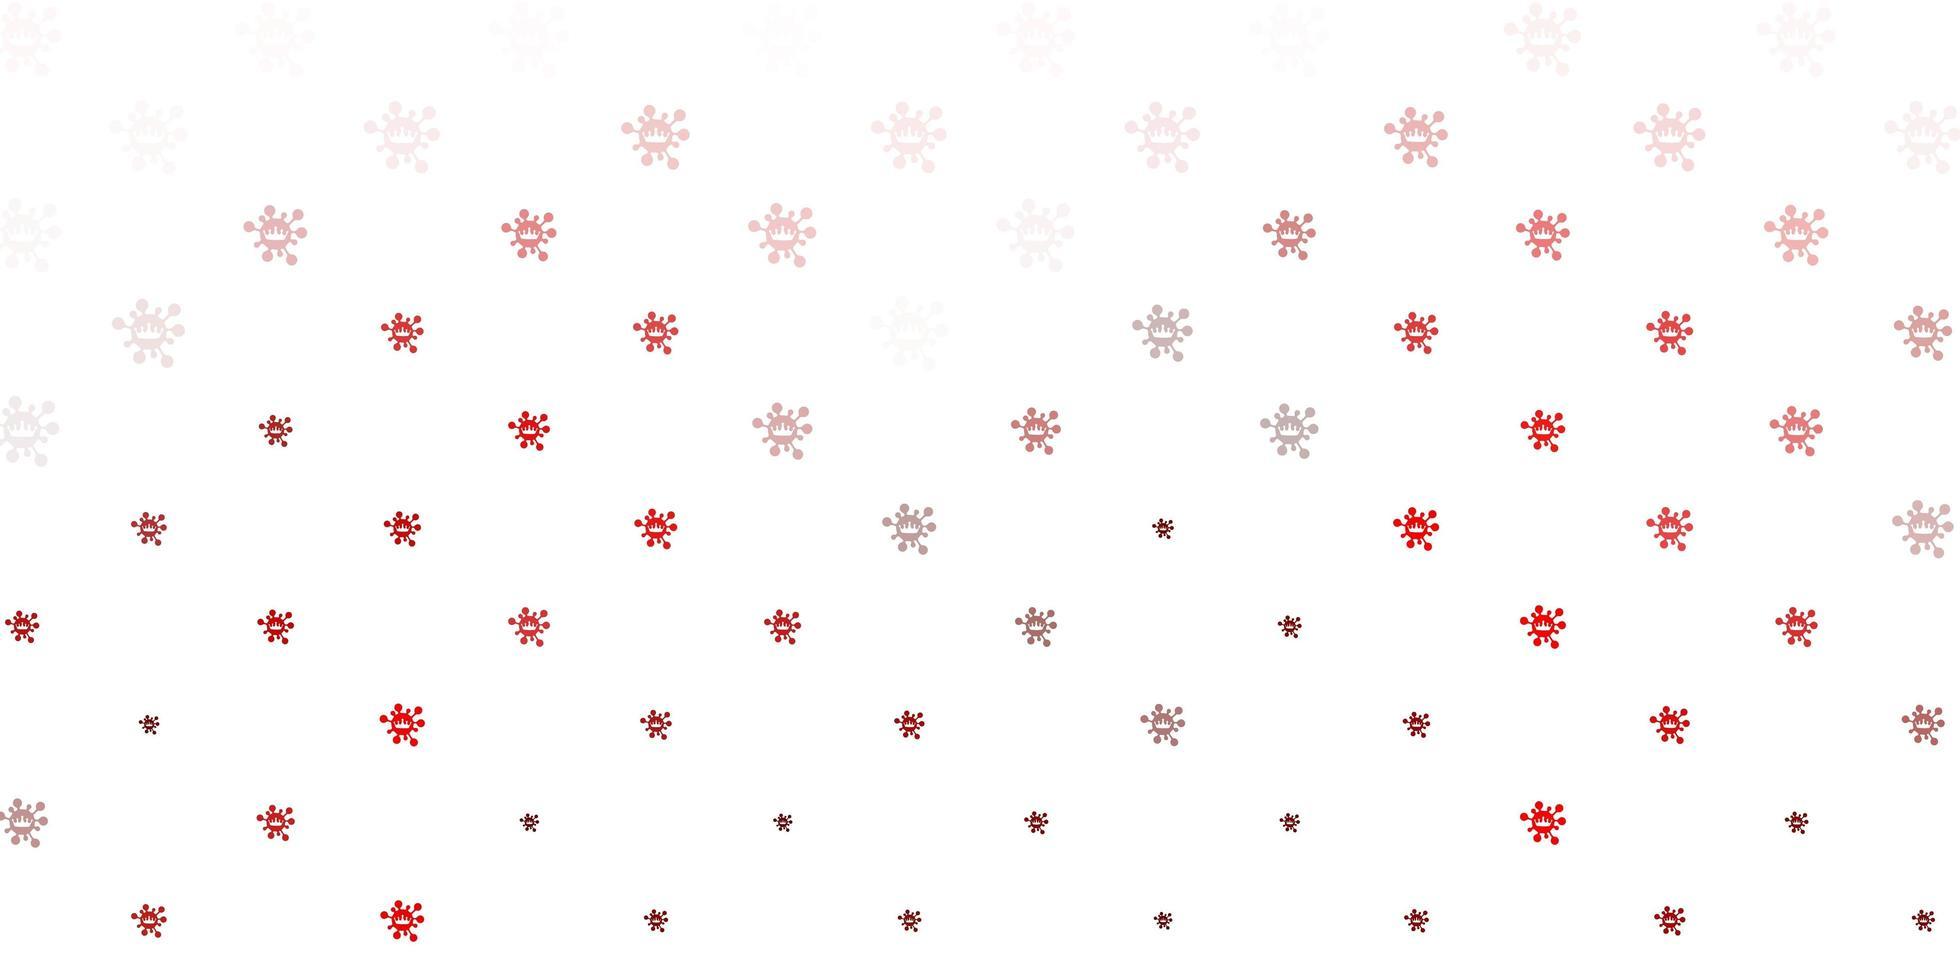 symboles de virus rouges sur fond blanc vecteur